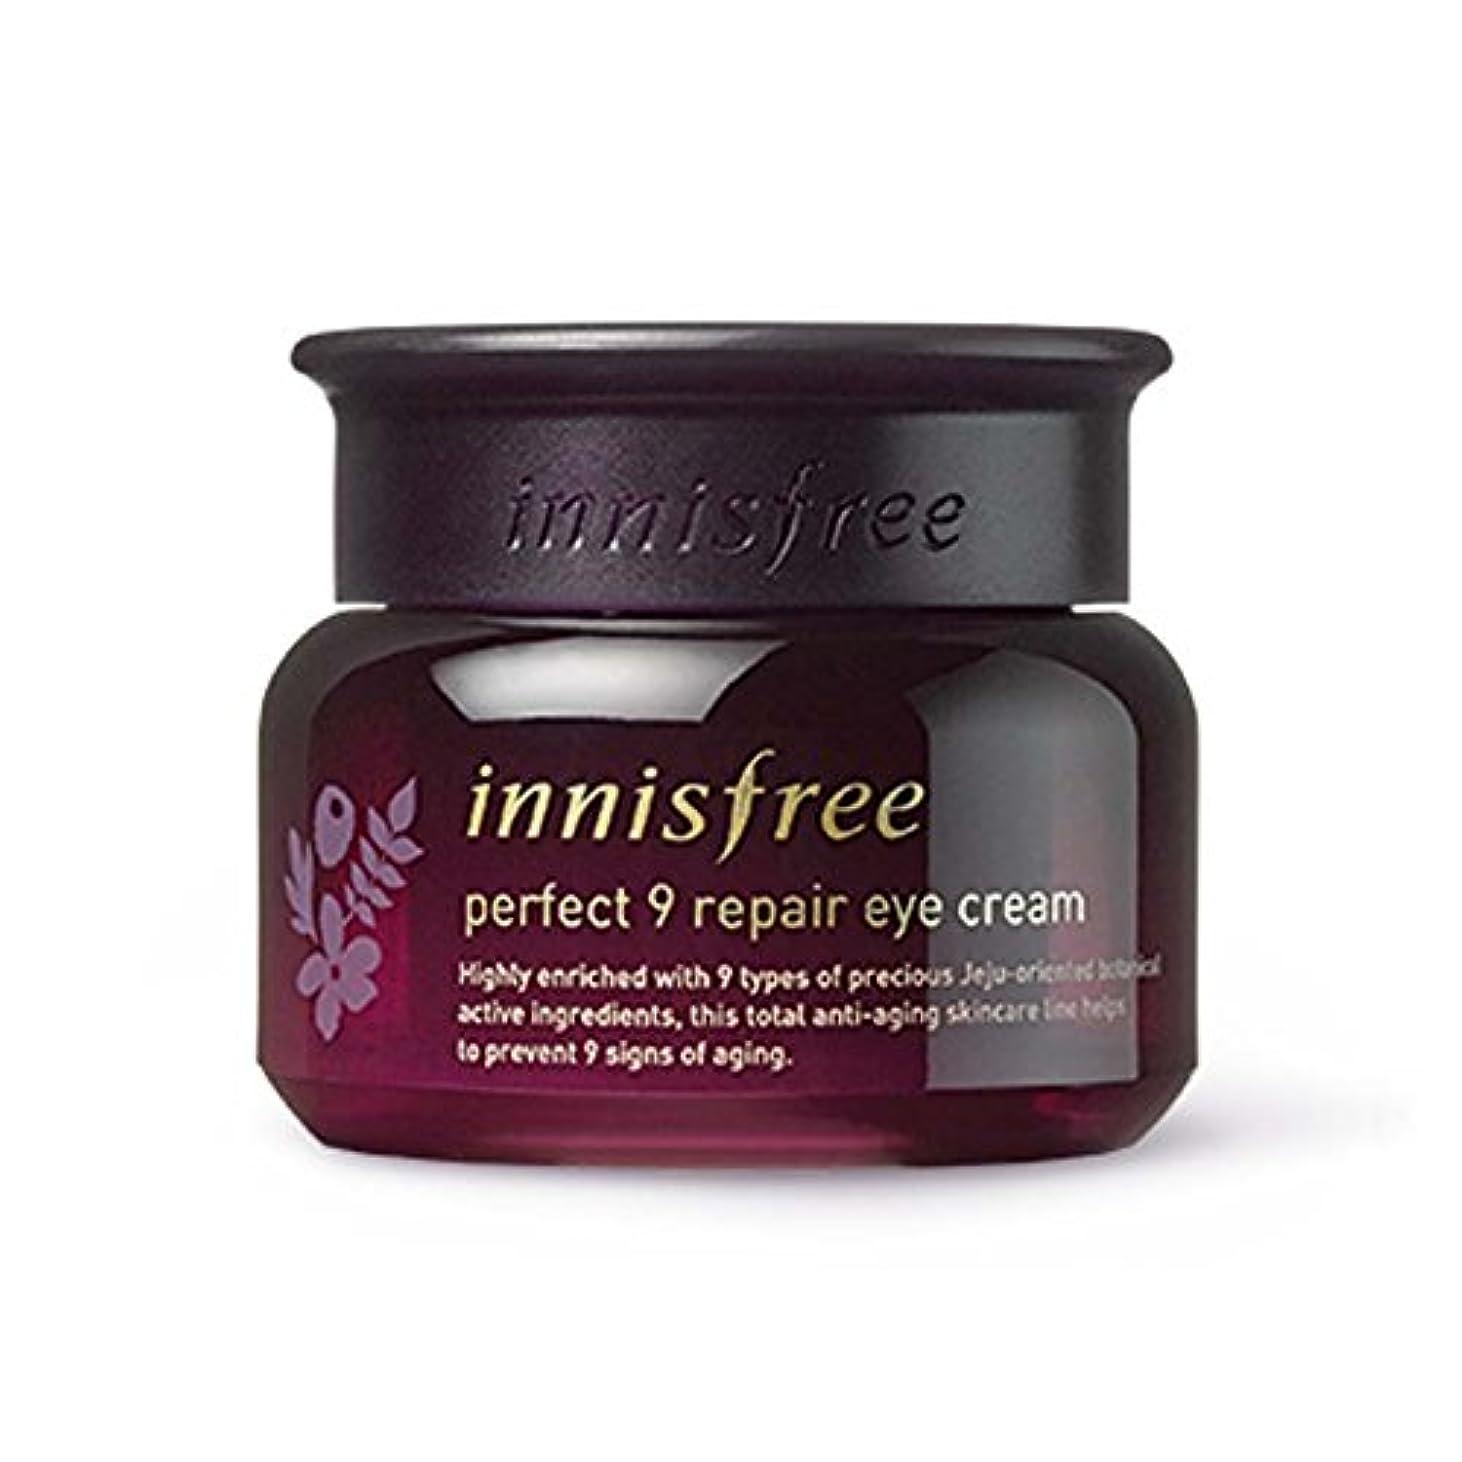 憂鬱鋸歯状貧しい【innisfree】イニスフリー パーフェクト9 リペアアイクリーム 30ml(Perfect 9 repair eye cream 30ml)